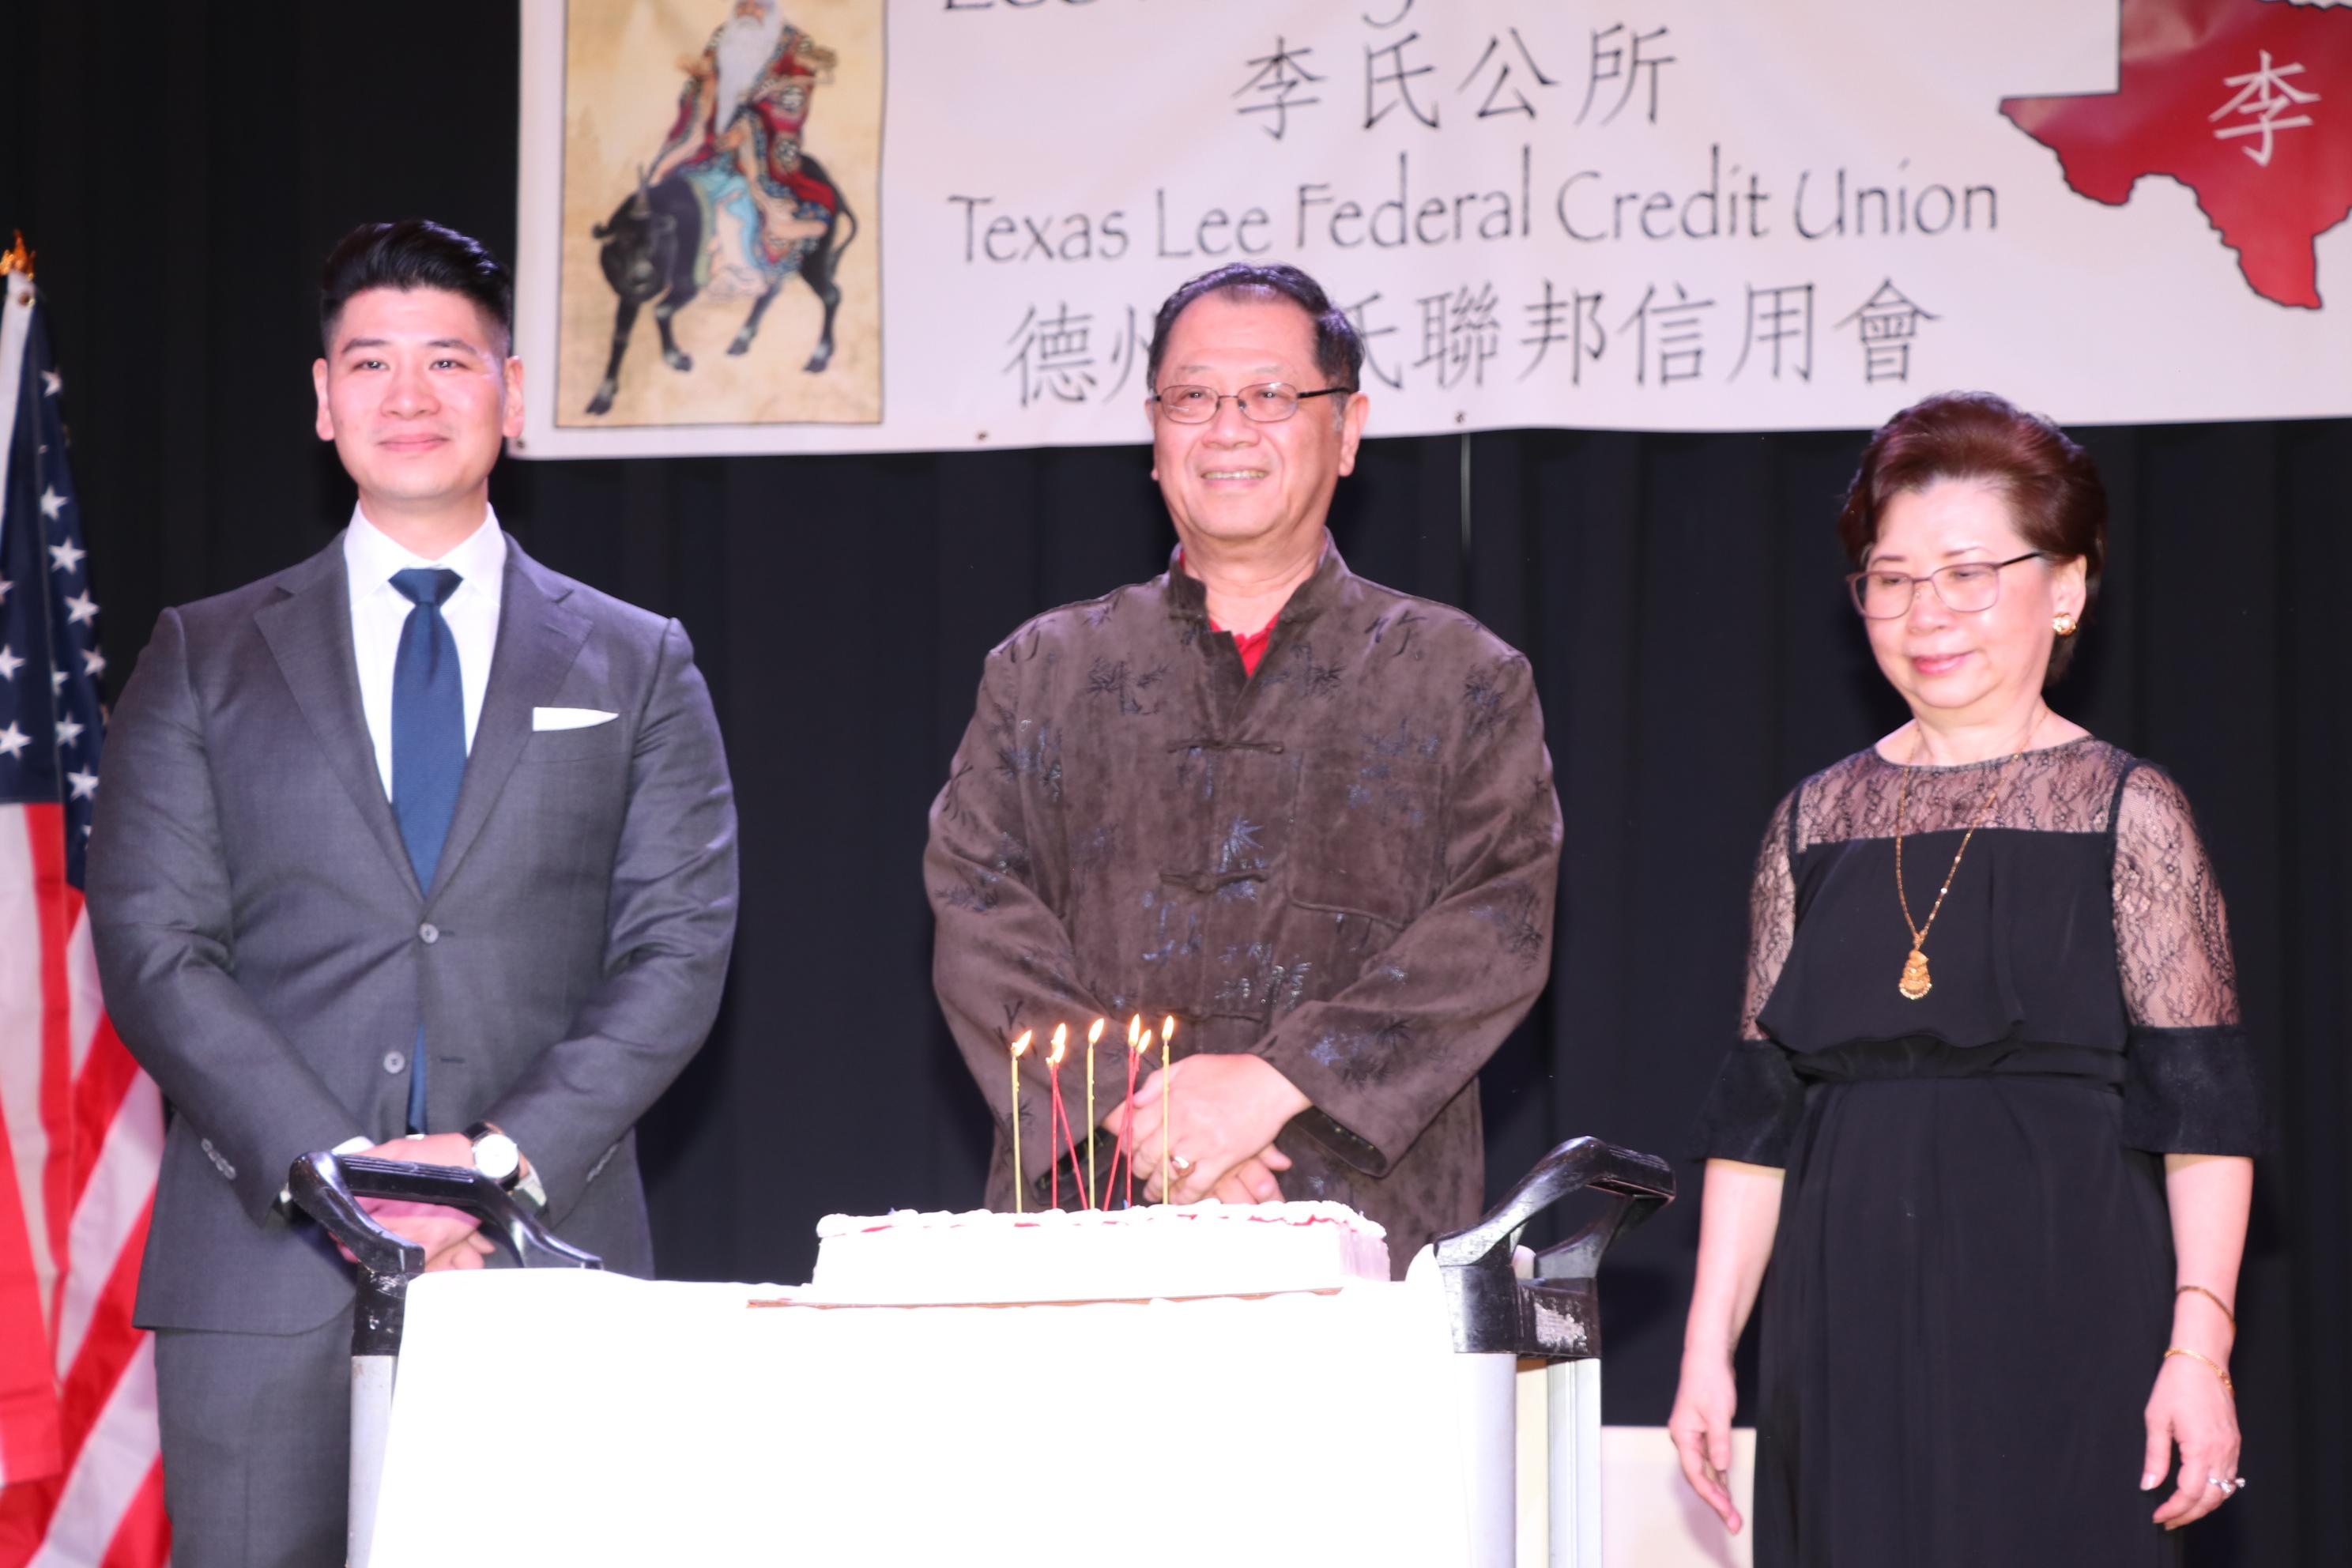 李世威(左)的父親世大建築師事務所負責人李兆瓊(中)適逢生日,接受全場來賓唱生日歌祝賀。